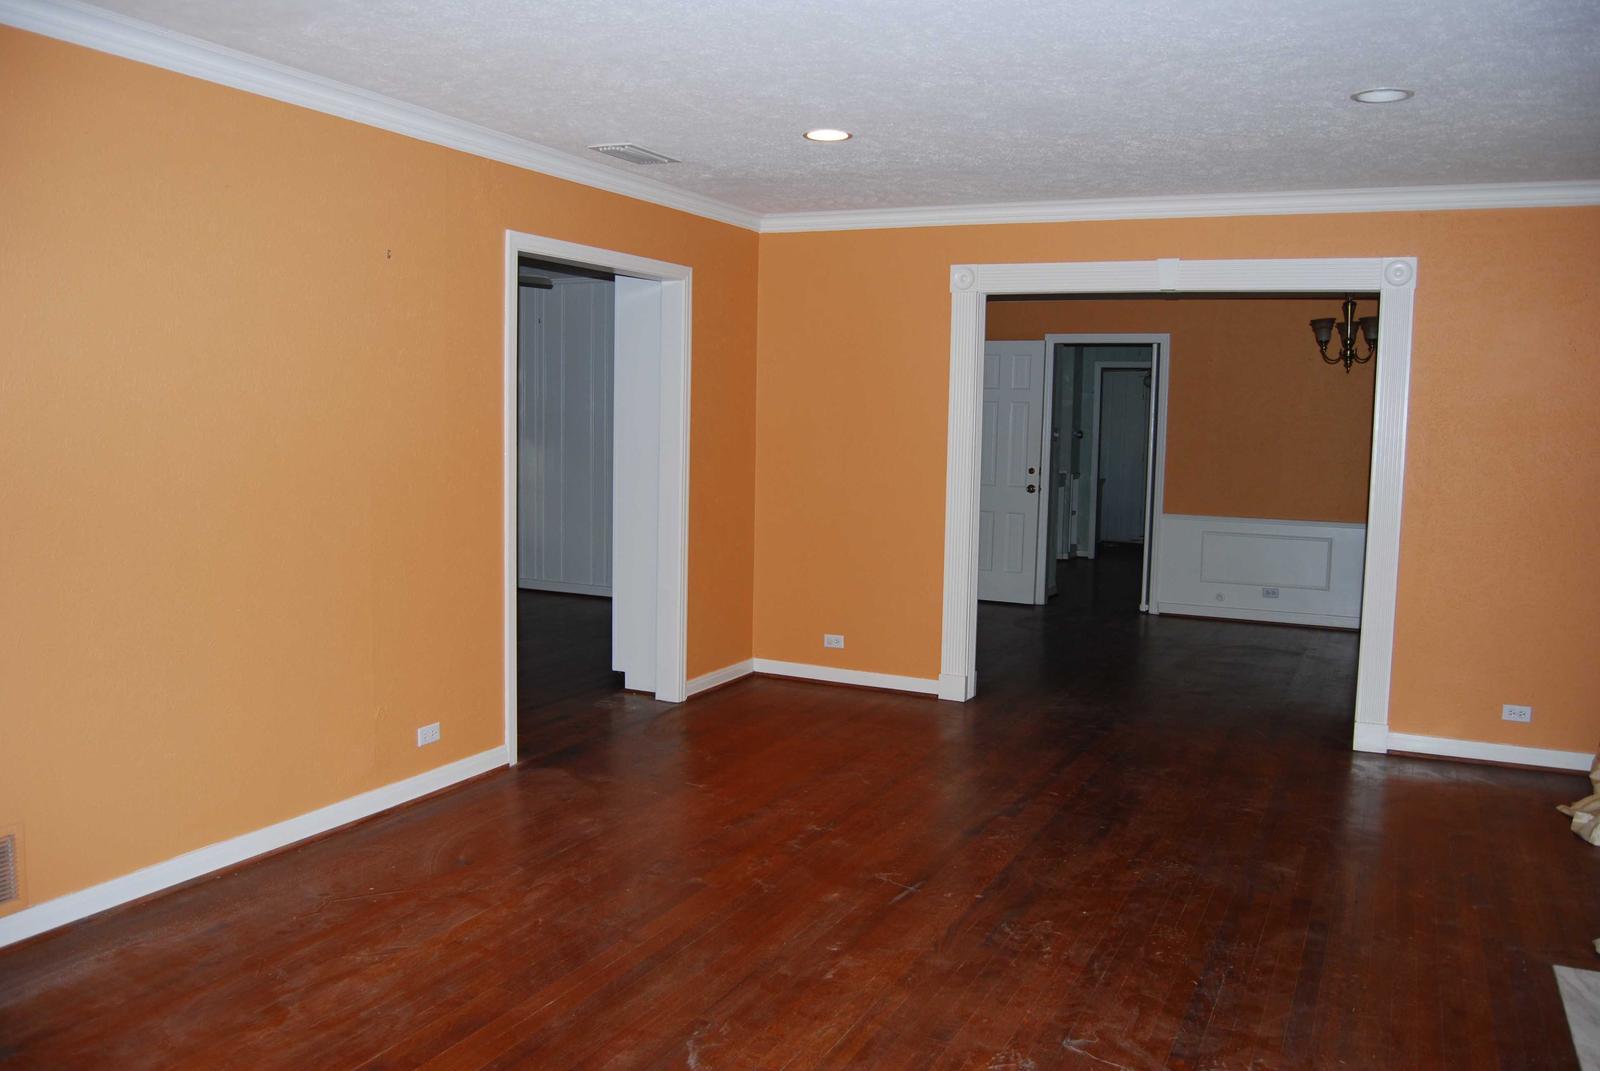 ceiling light trim photo - 9